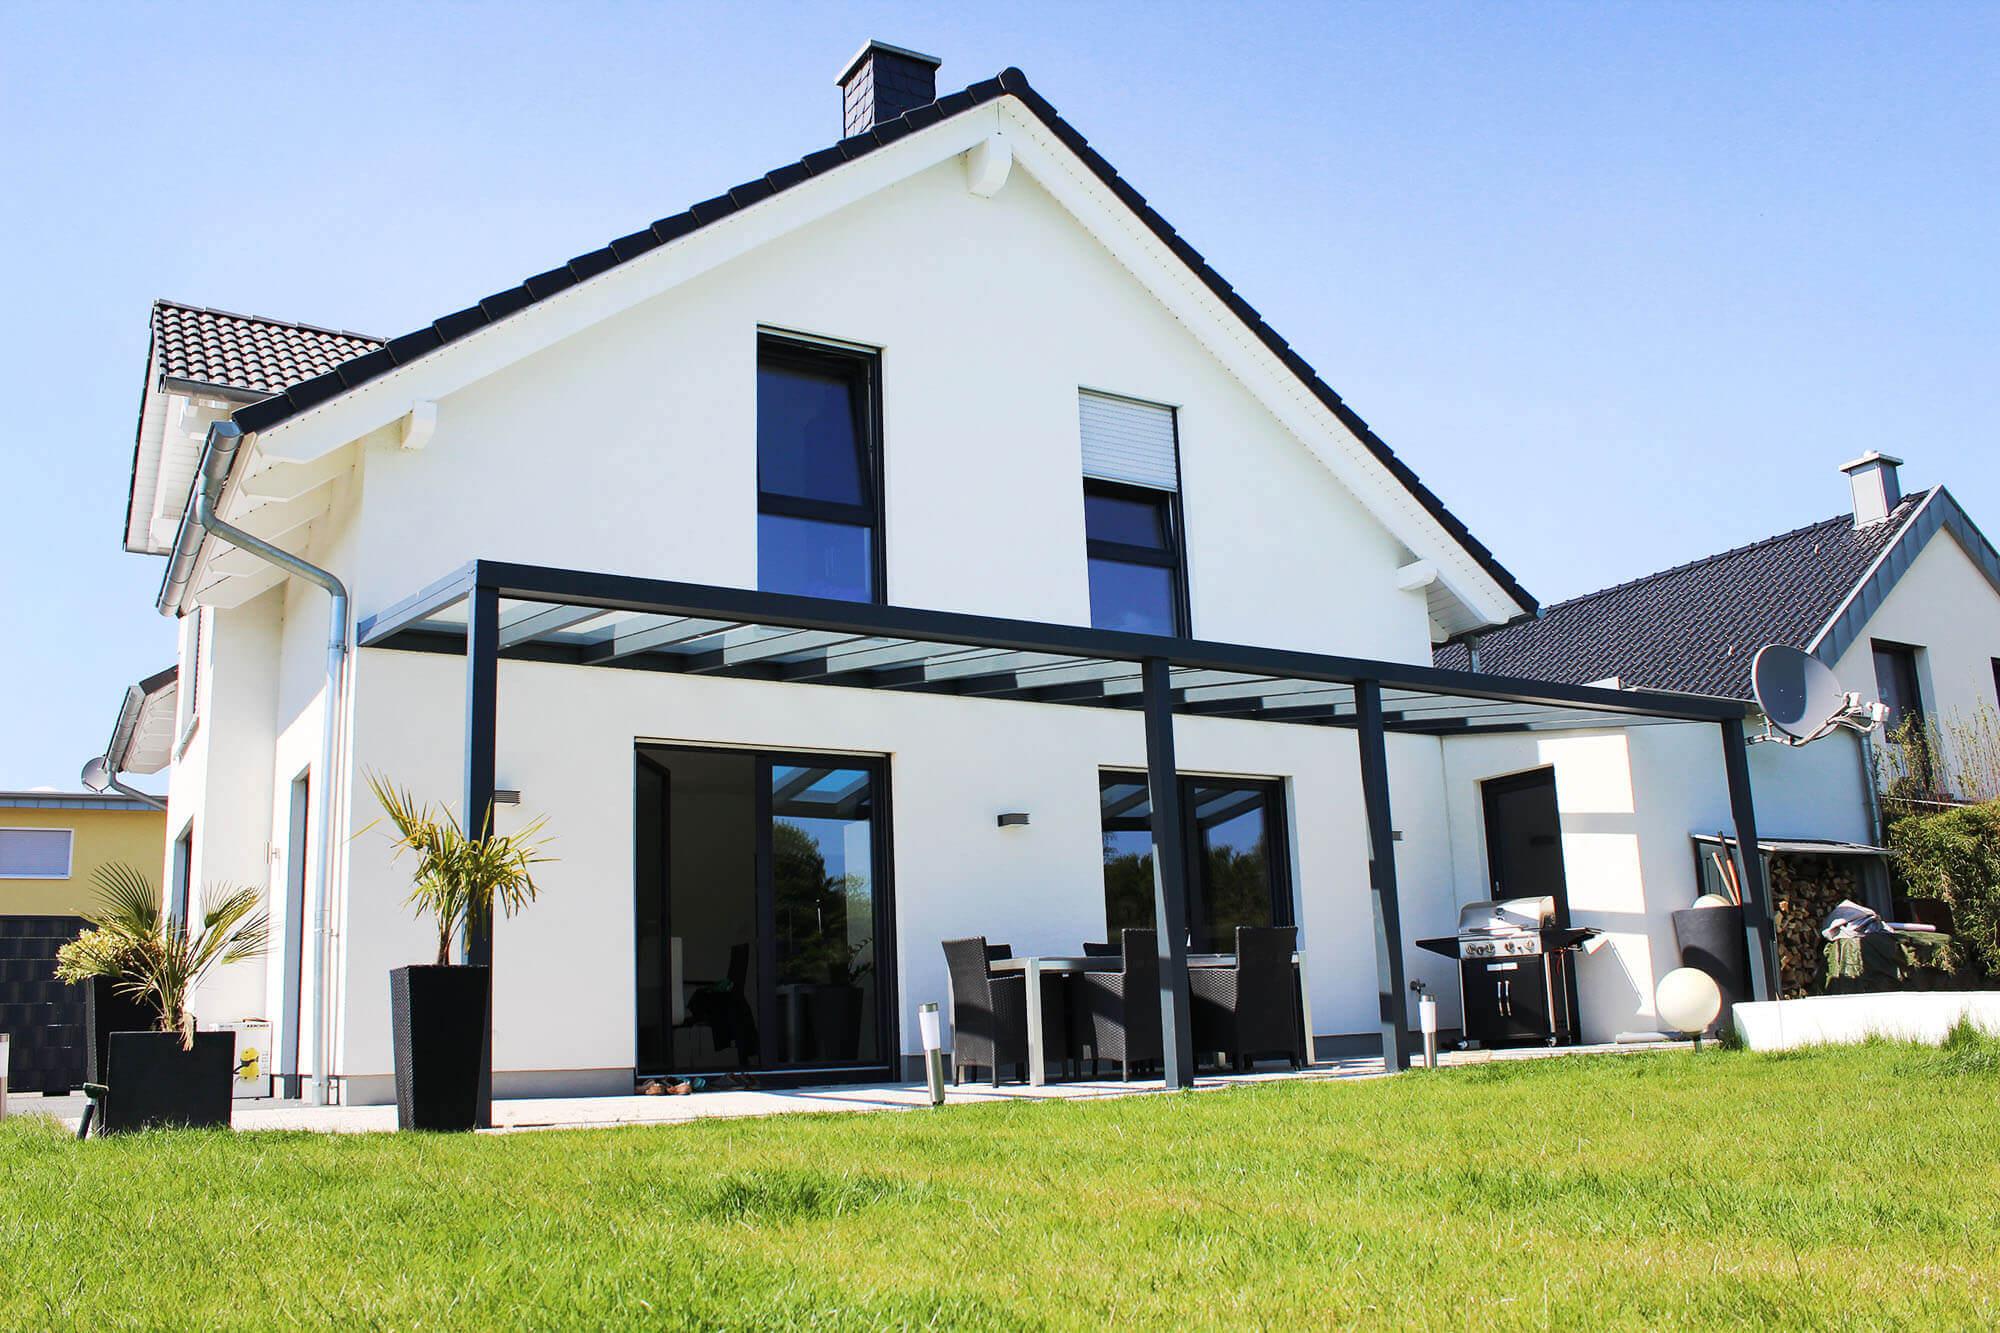 Terrassenüberdachung schwarz mit durchsichtigem VSG-Glas an weißem Haus mit 2 Stützen in der Mitte